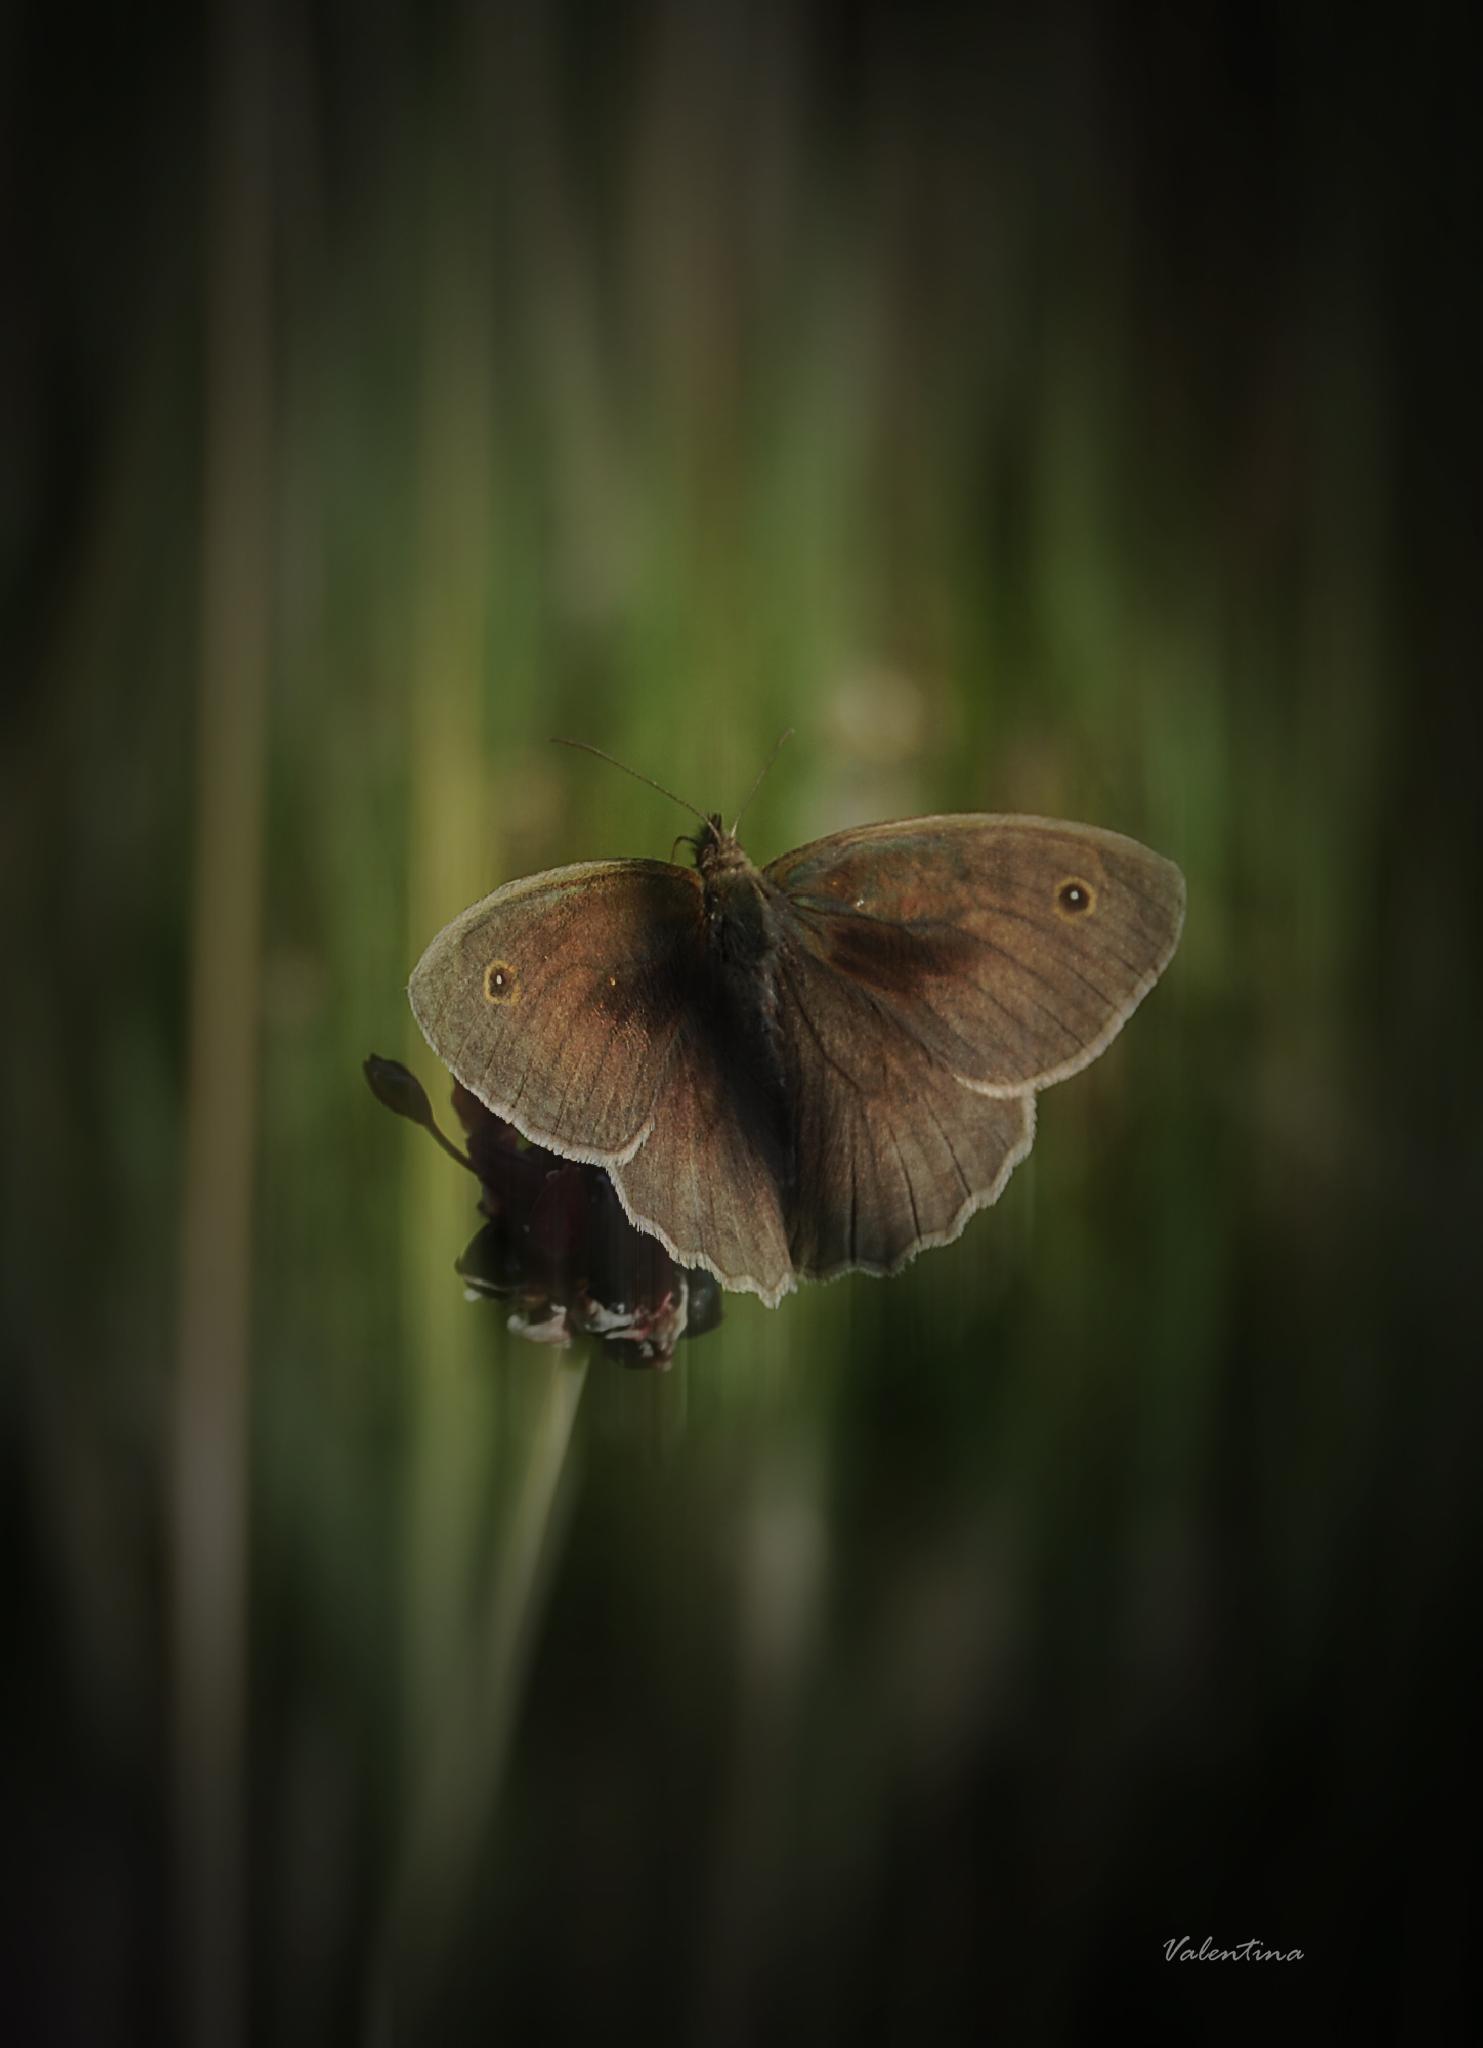 Butterfly. by Valentina